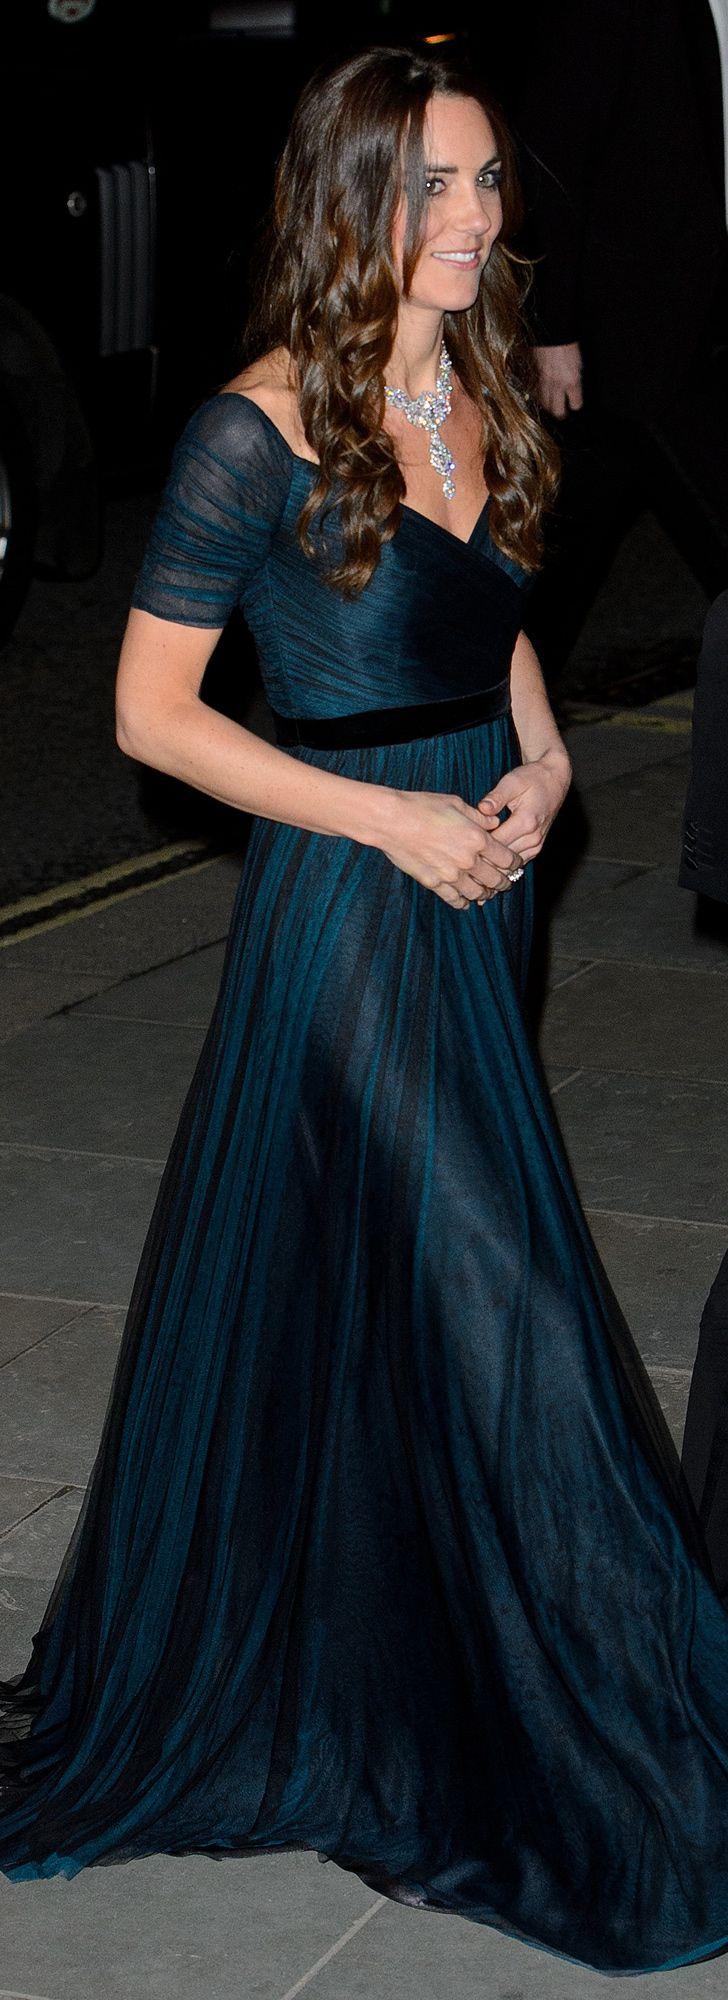 Kate Middleton's Jenny Packham gown